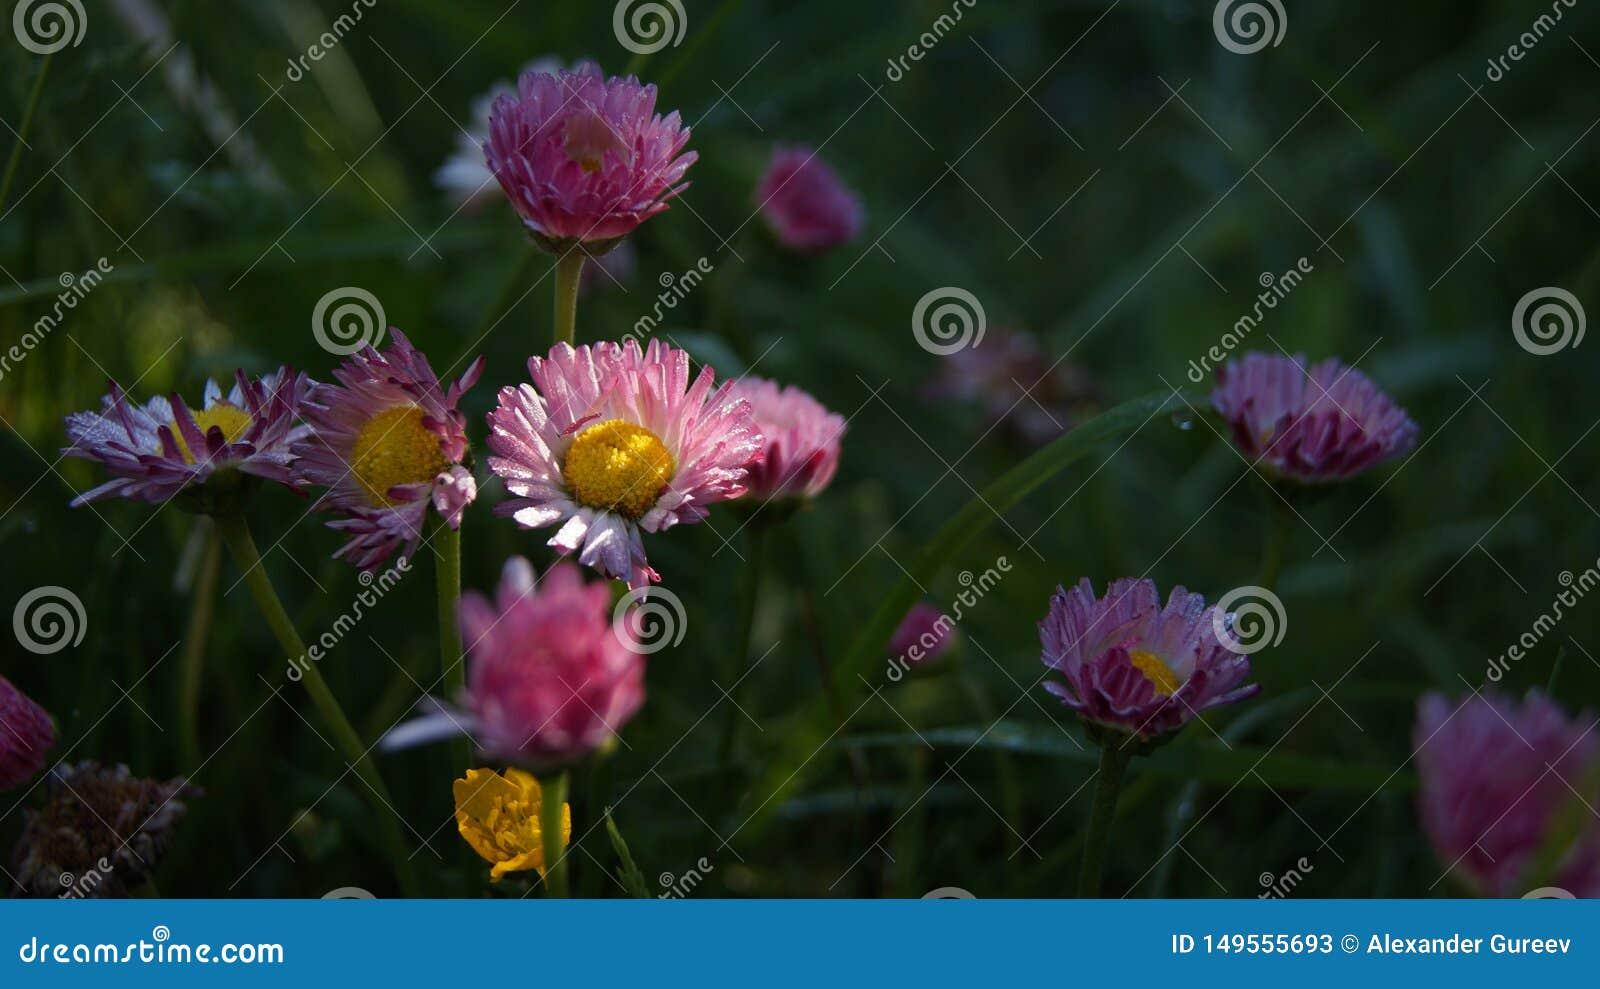 Ros?e de matin sur des fleurs de myosotis illumin?es par les premiers rayons du soleil